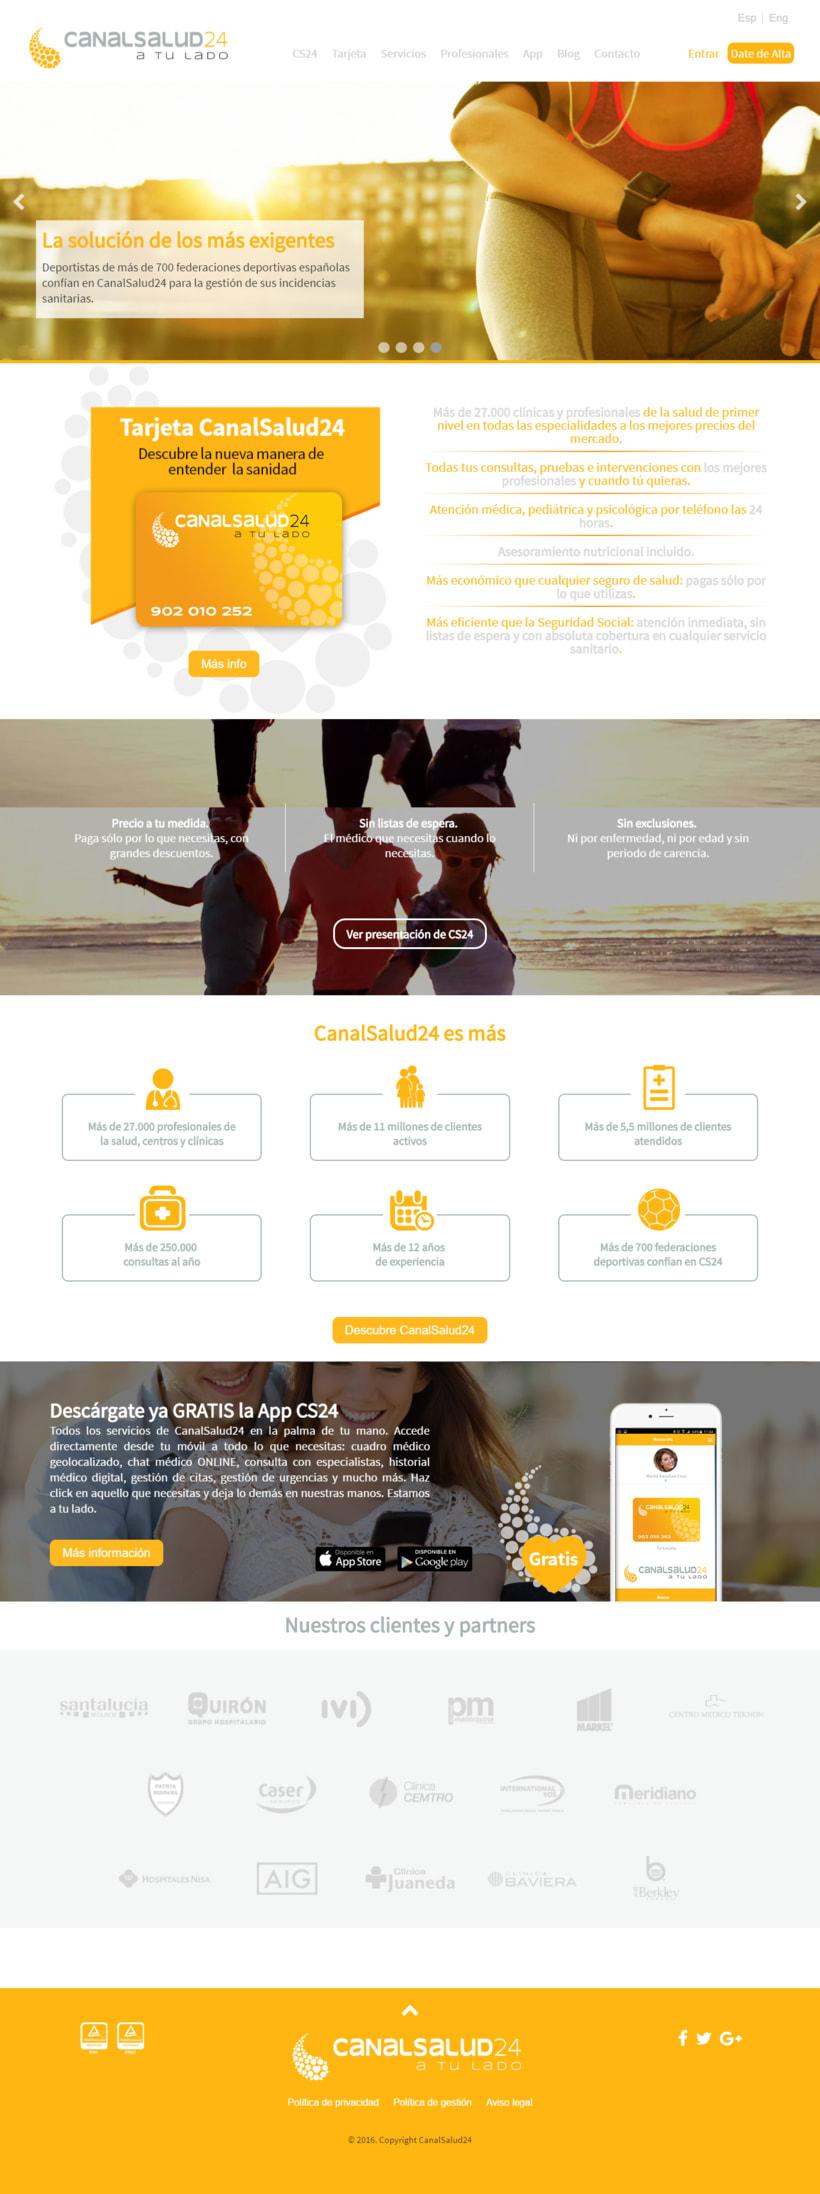 Desarrollo y maquetación web en www.canalsalud24.com -1